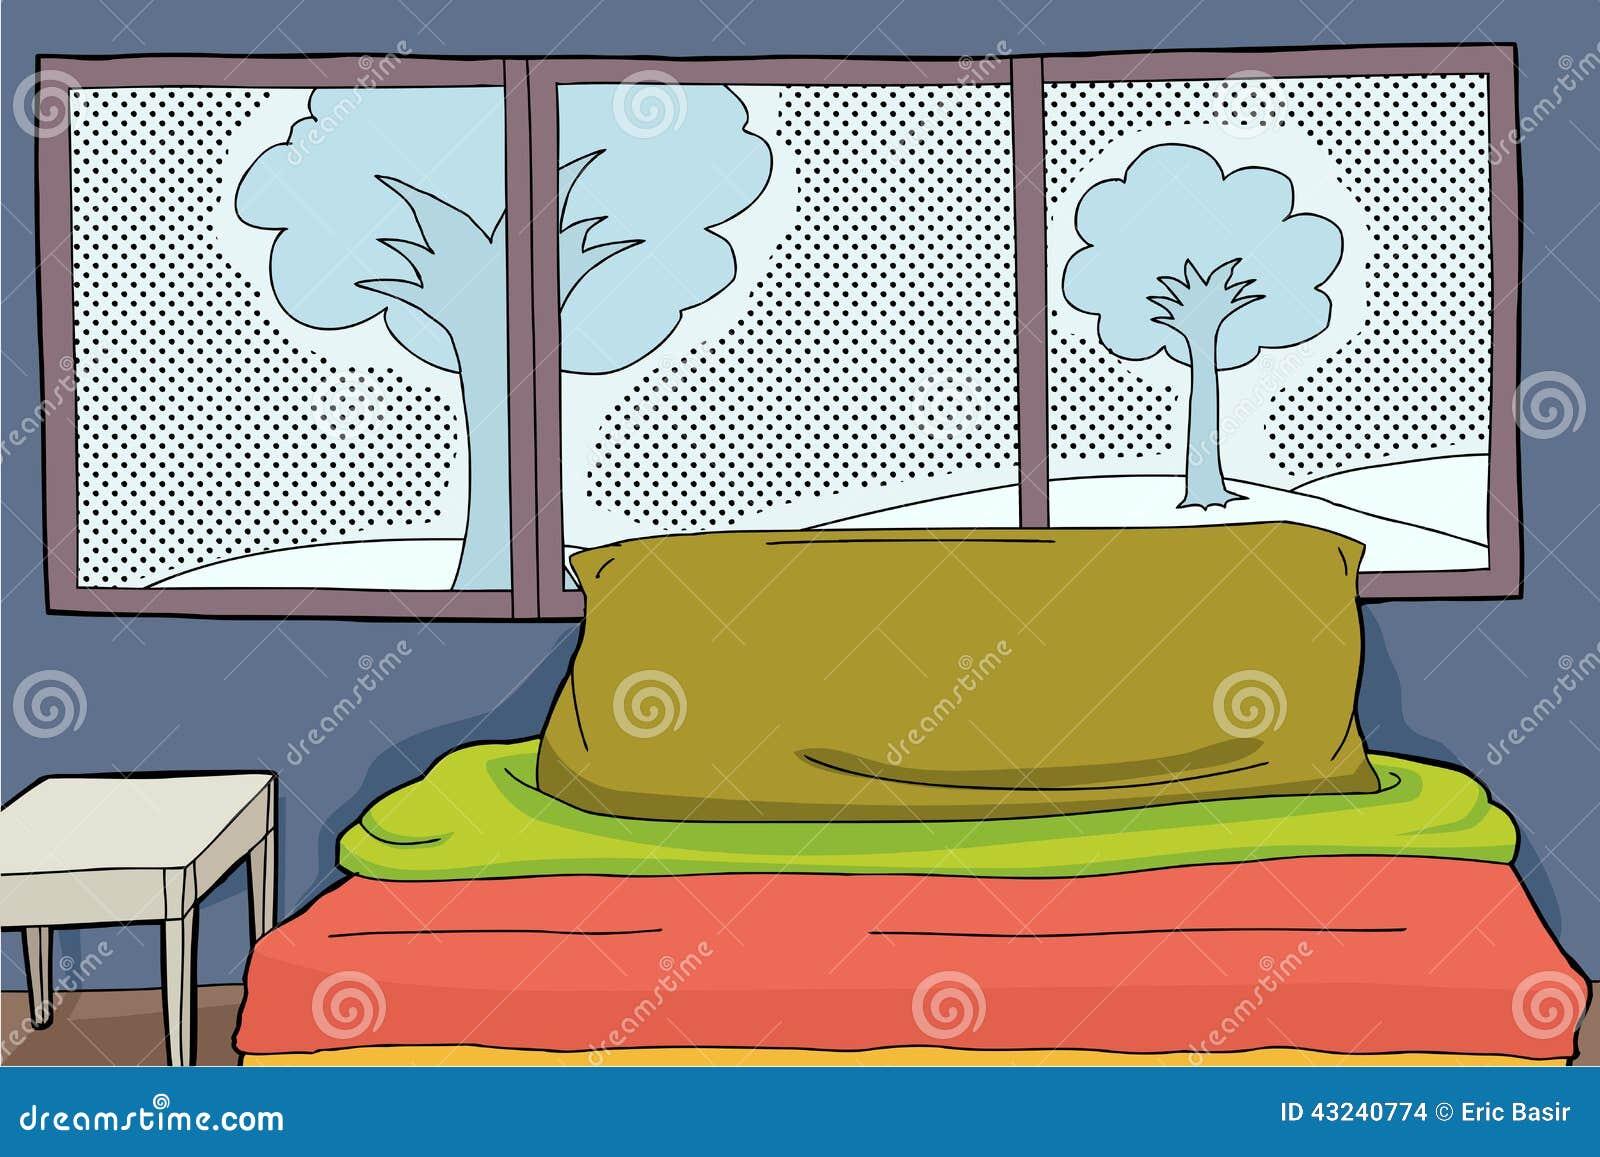 Bedroom window background